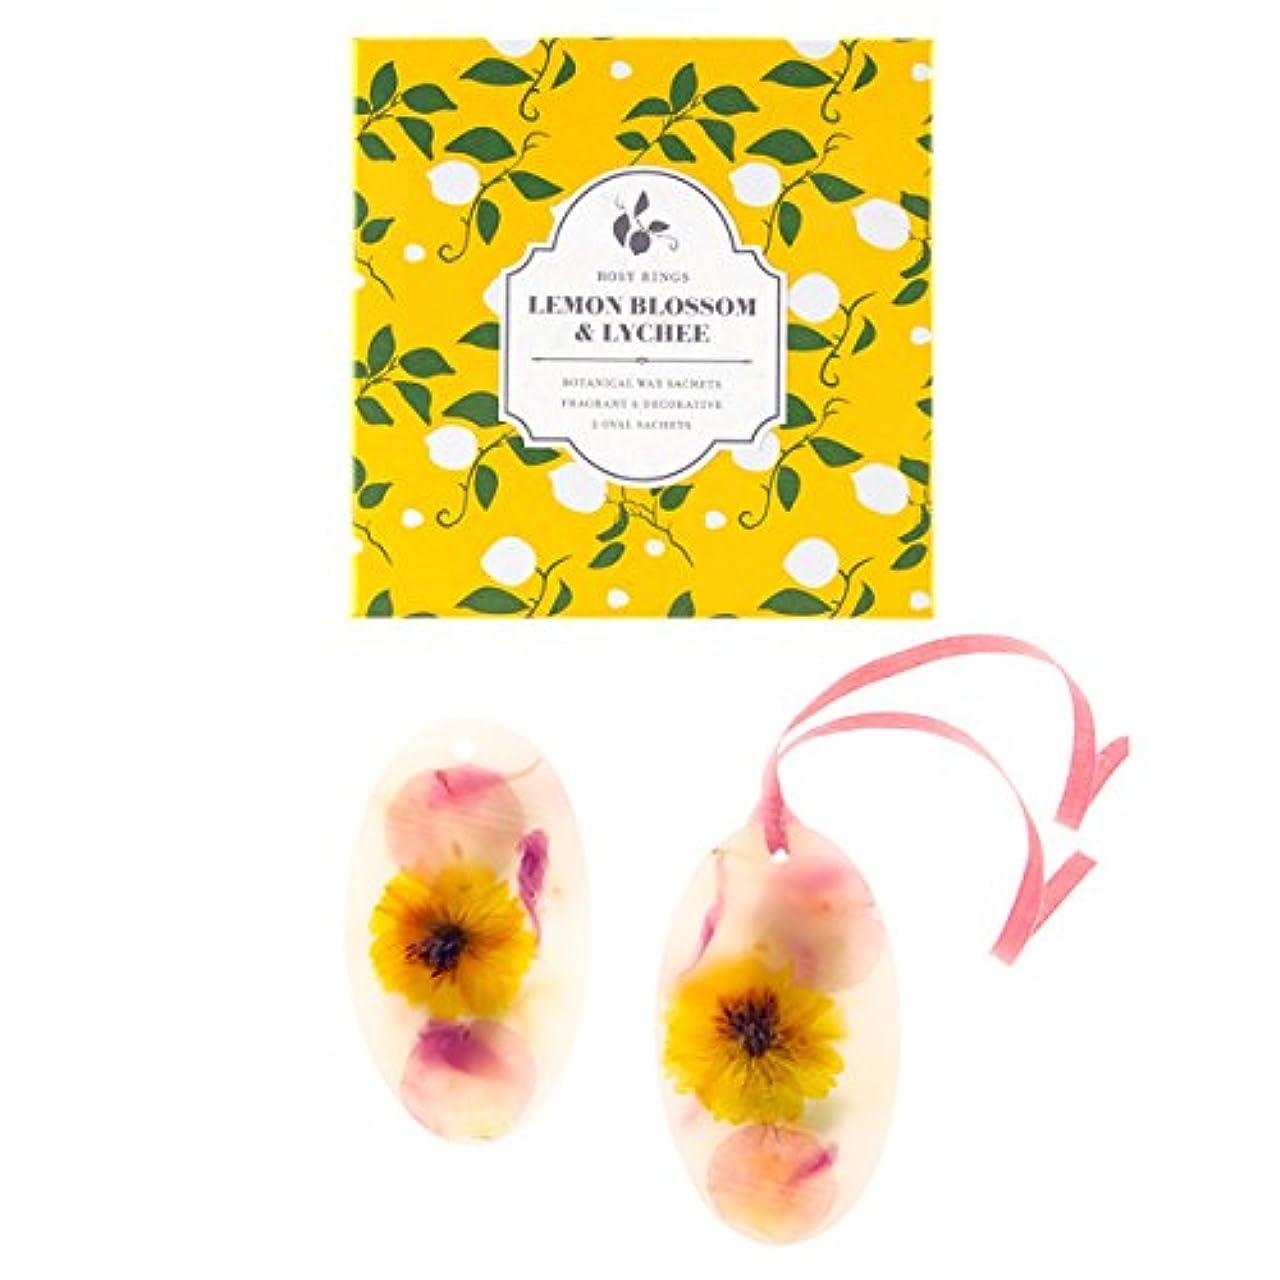 巻き戻す矛盾する落ち着いたロージーリングス ボタニカルワックスサシェ オーバル レモンブロッサム&ライチ ROSY RINGS Signature Collection Botanical Wax Sachets – Lemon Blossom...